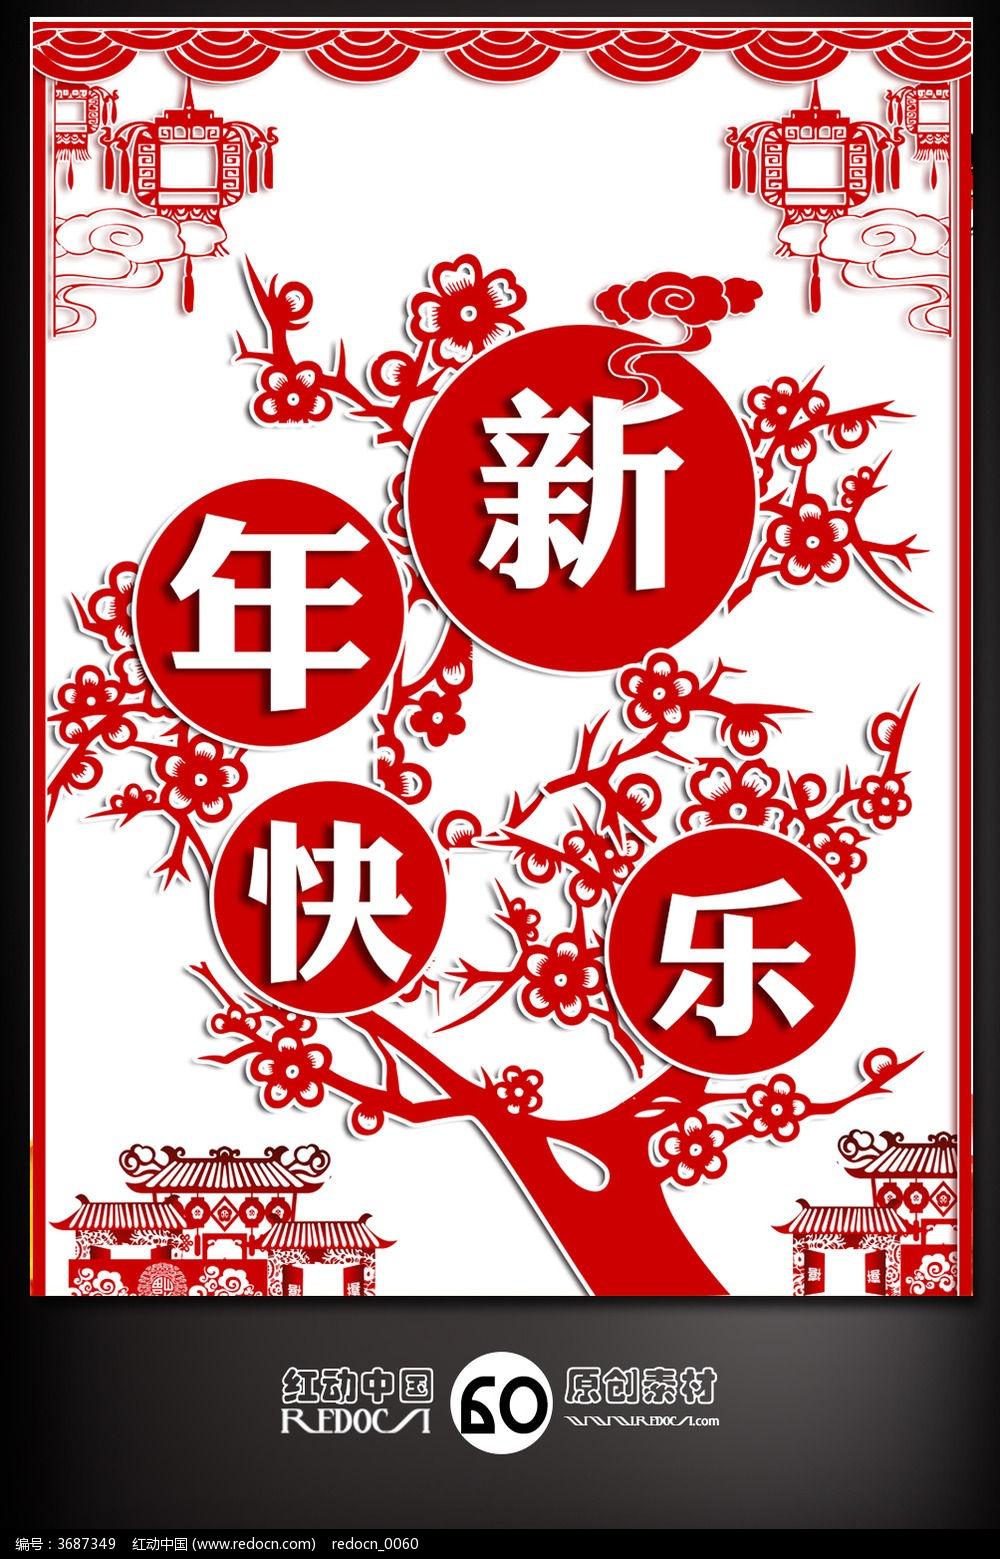 原创设计稿 节日素材 春节 新年快乐剪纸海报  请您分享: 素材描述:红